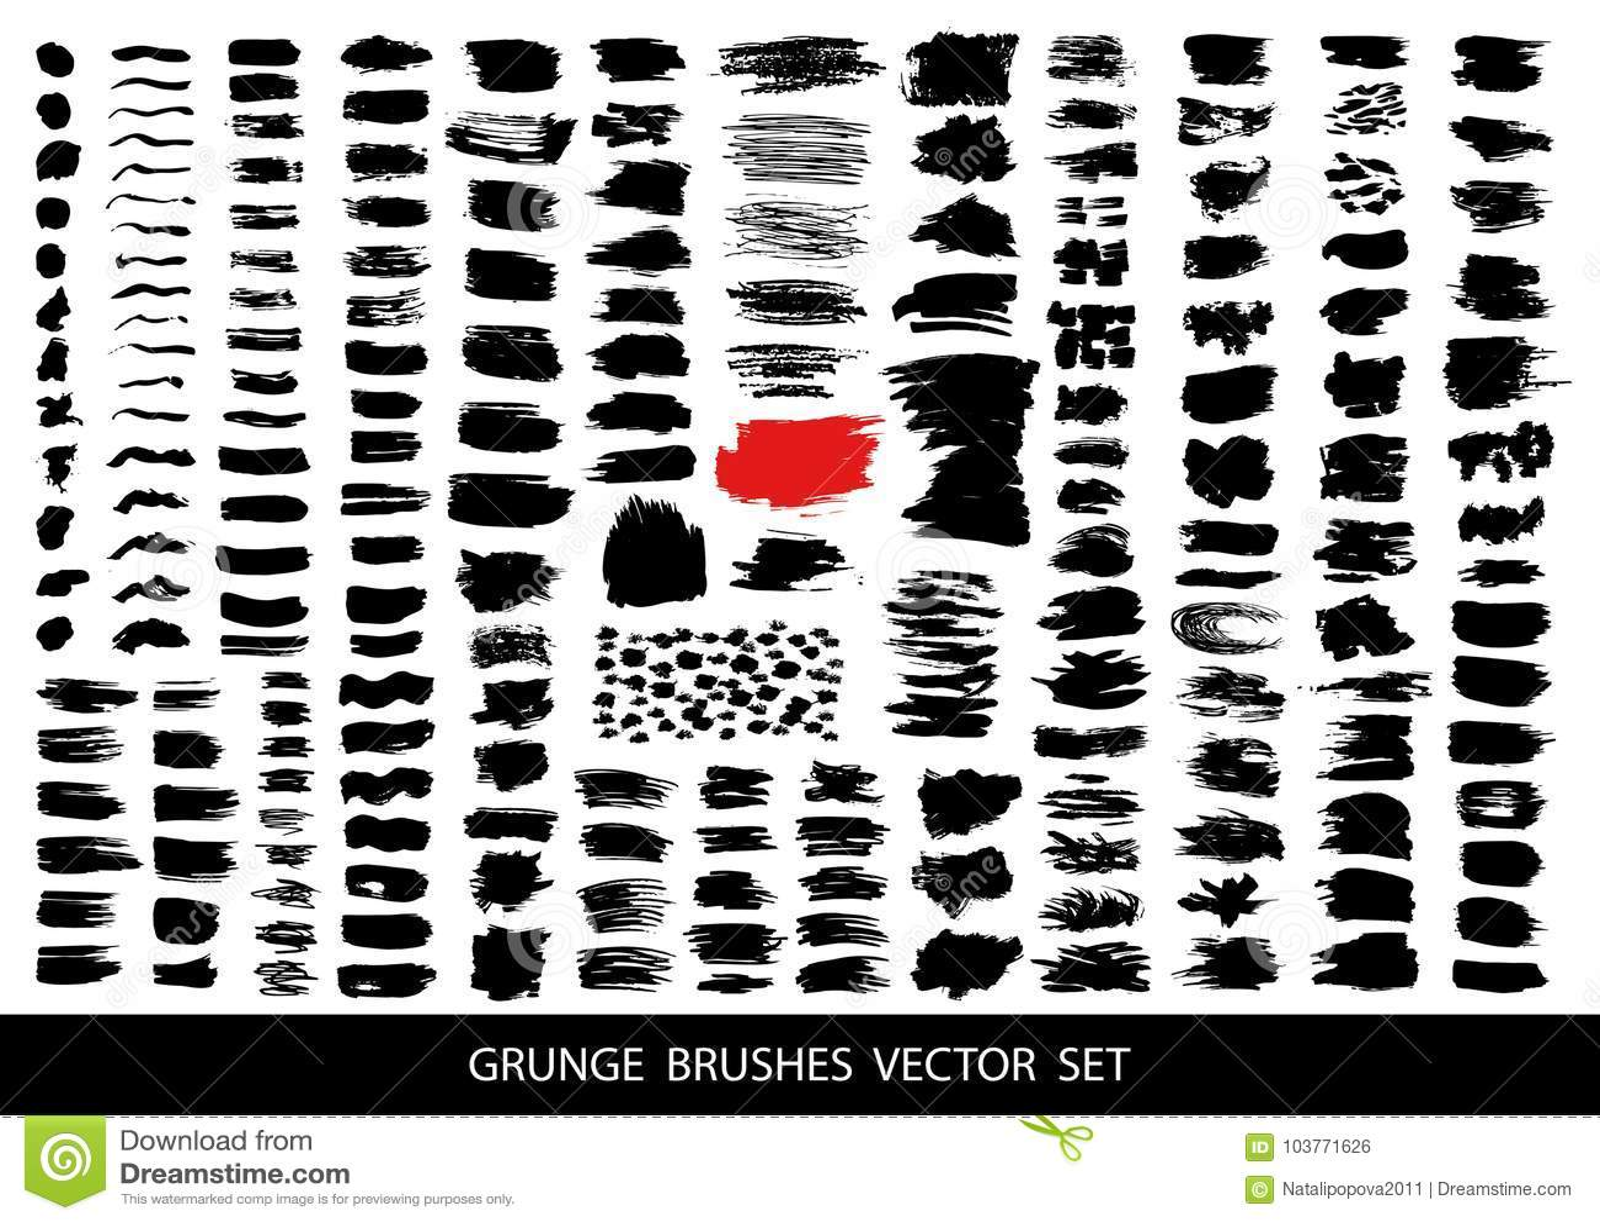 Großer Satz schwarze Farbe, Tintenbürstenanschläge, Bürsten, Linien Schmutzige künstlerische Gestaltungselemente, Kästen, Rahmen